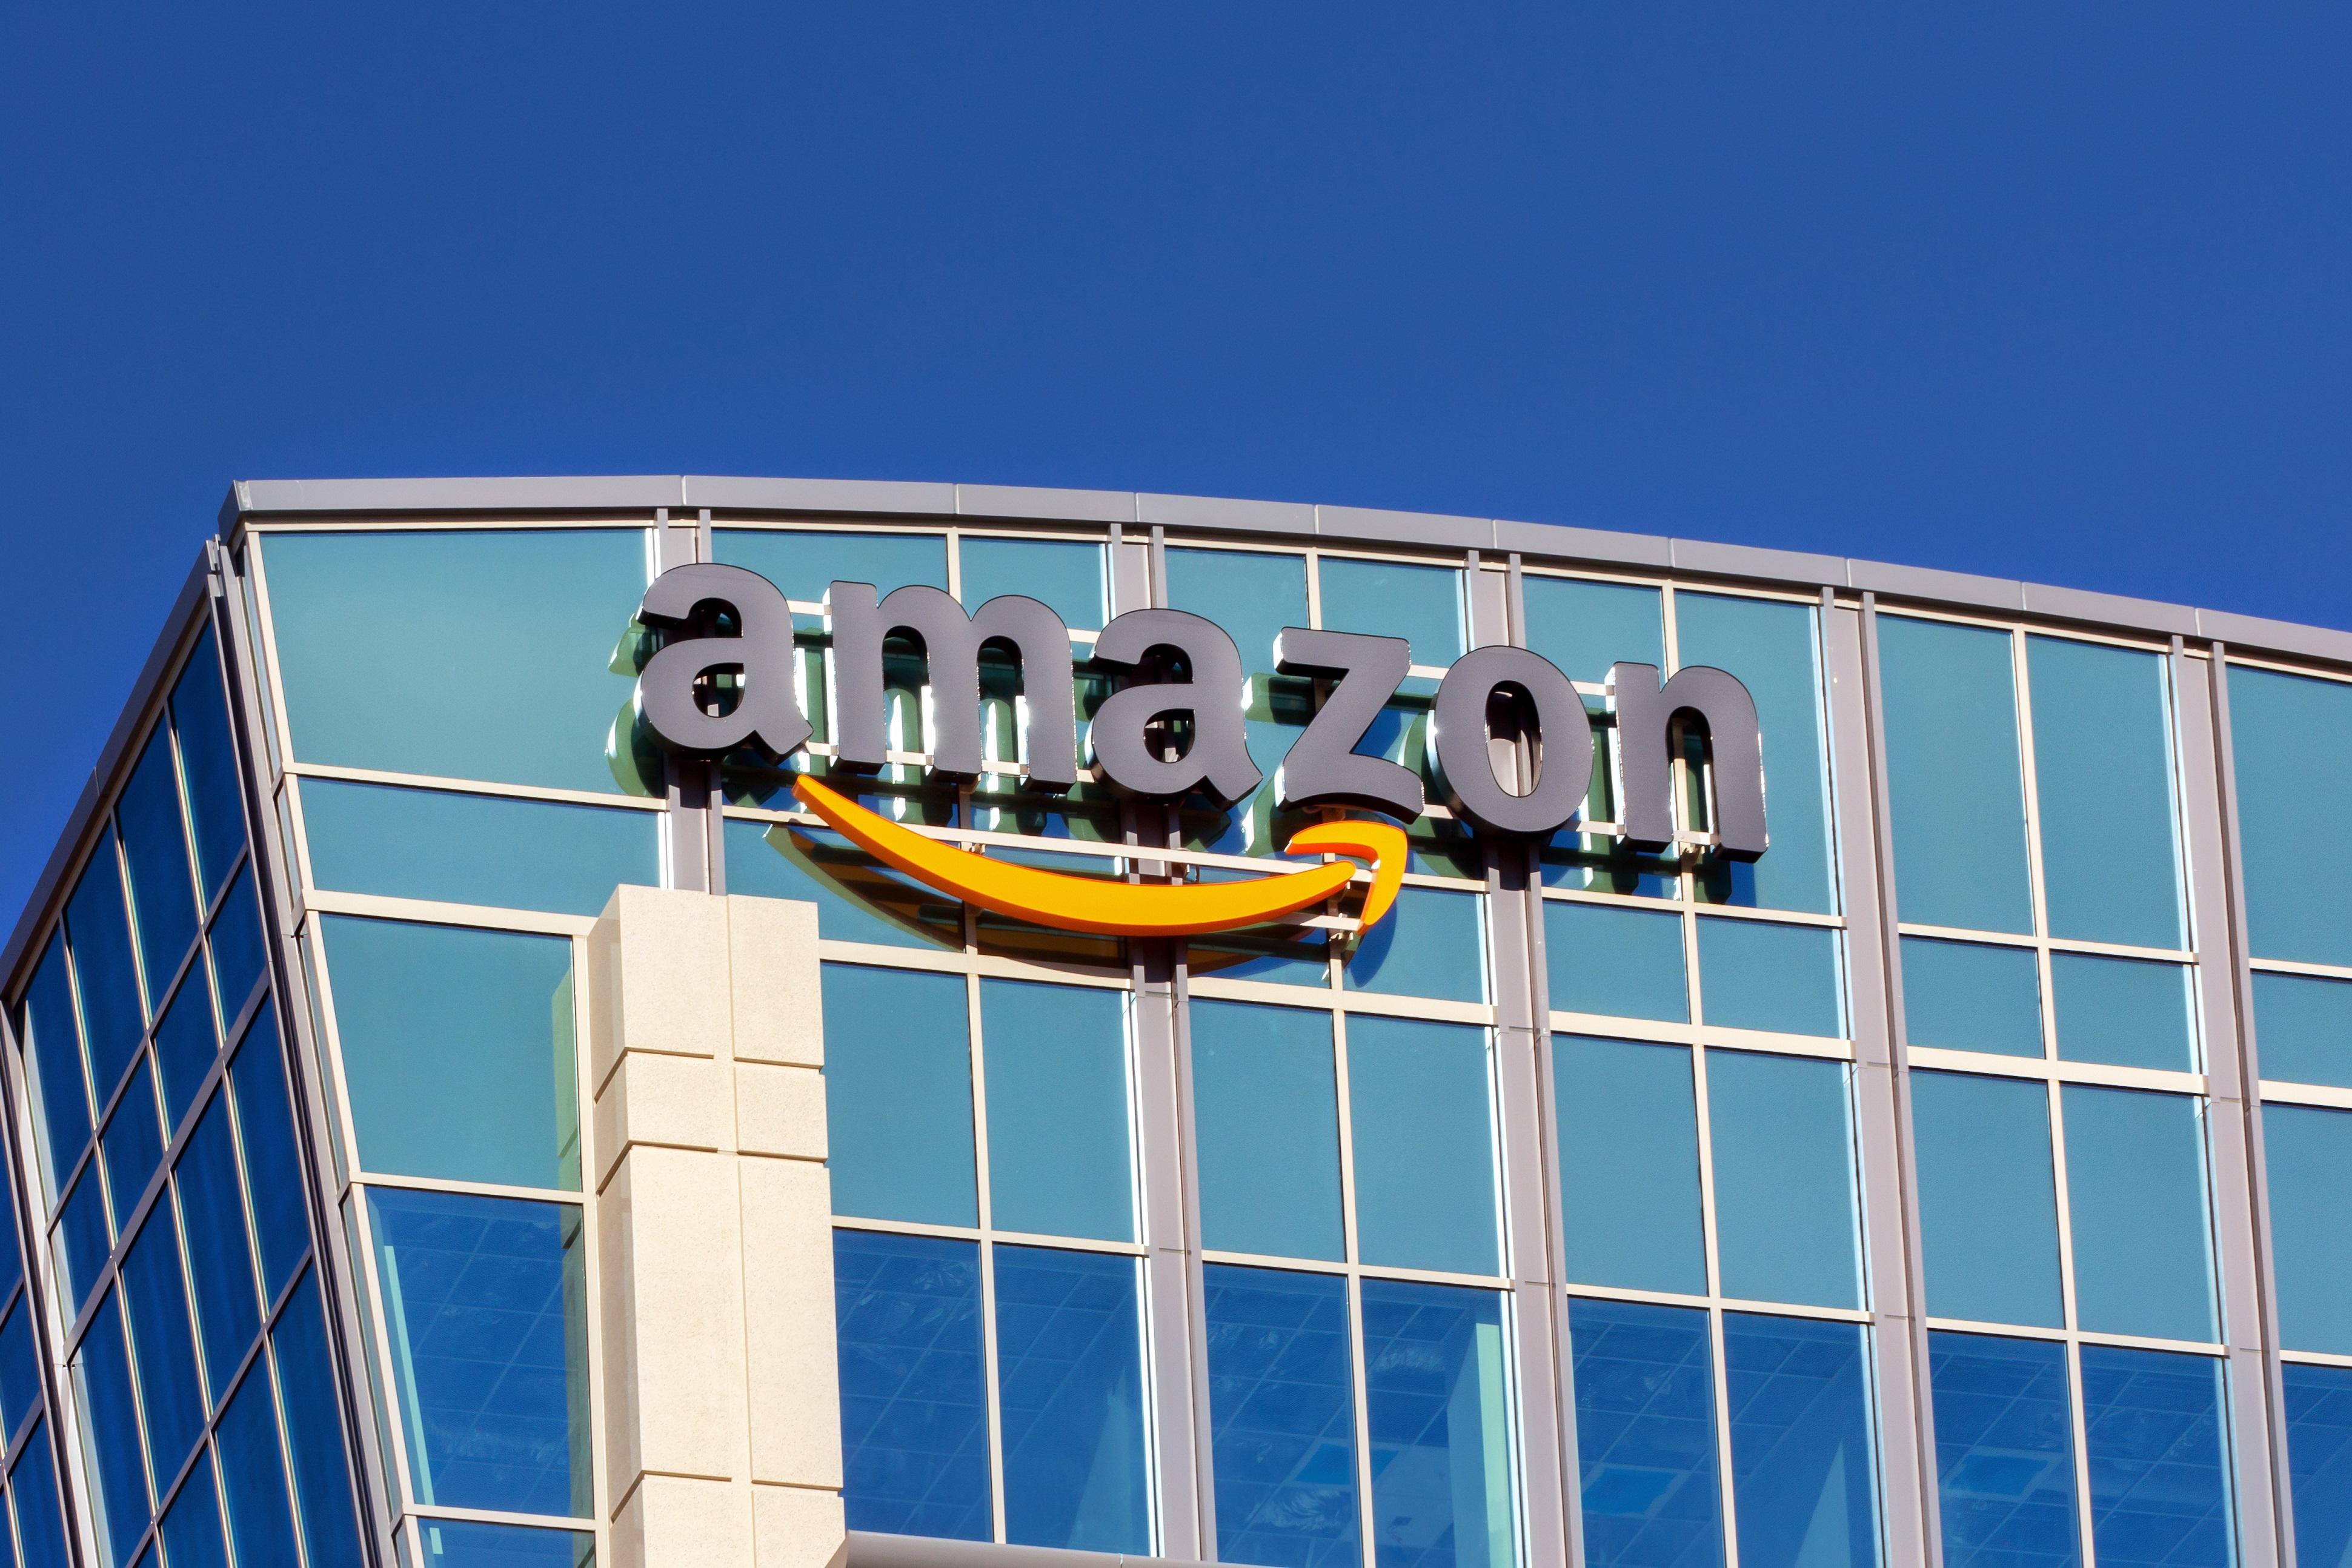 L'intérêt d'Amazon pour le monde des cryptomonnaies et de la blockchain semble se confirmer avec cette nouvelle offre d'emploi pour un responsable monnaie numérique.